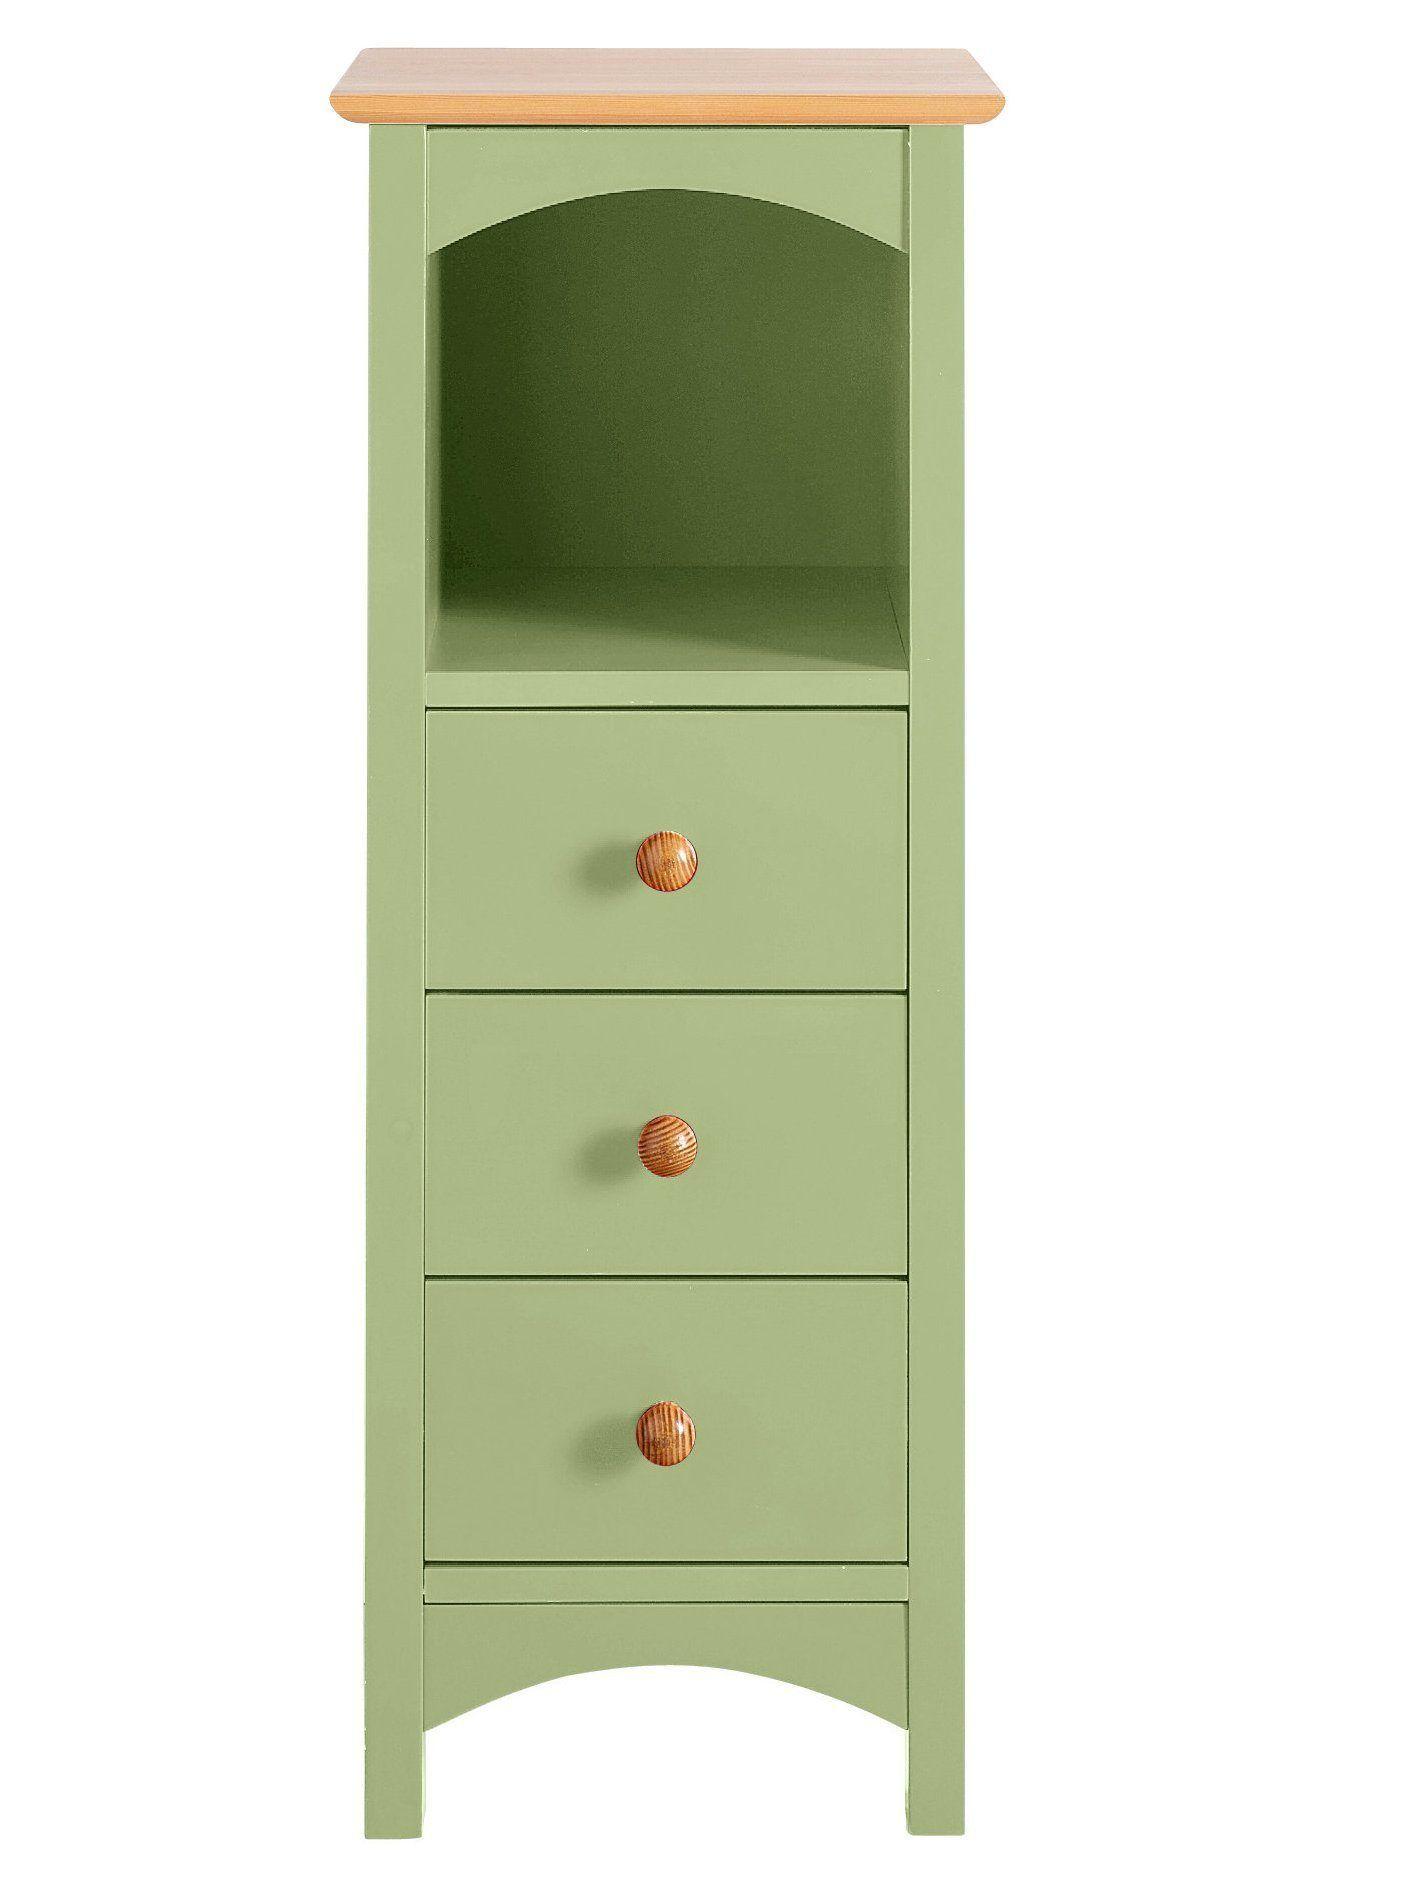 Badmöbel Schubladenschrank grün, heine home Jetzt bestellen unter ...